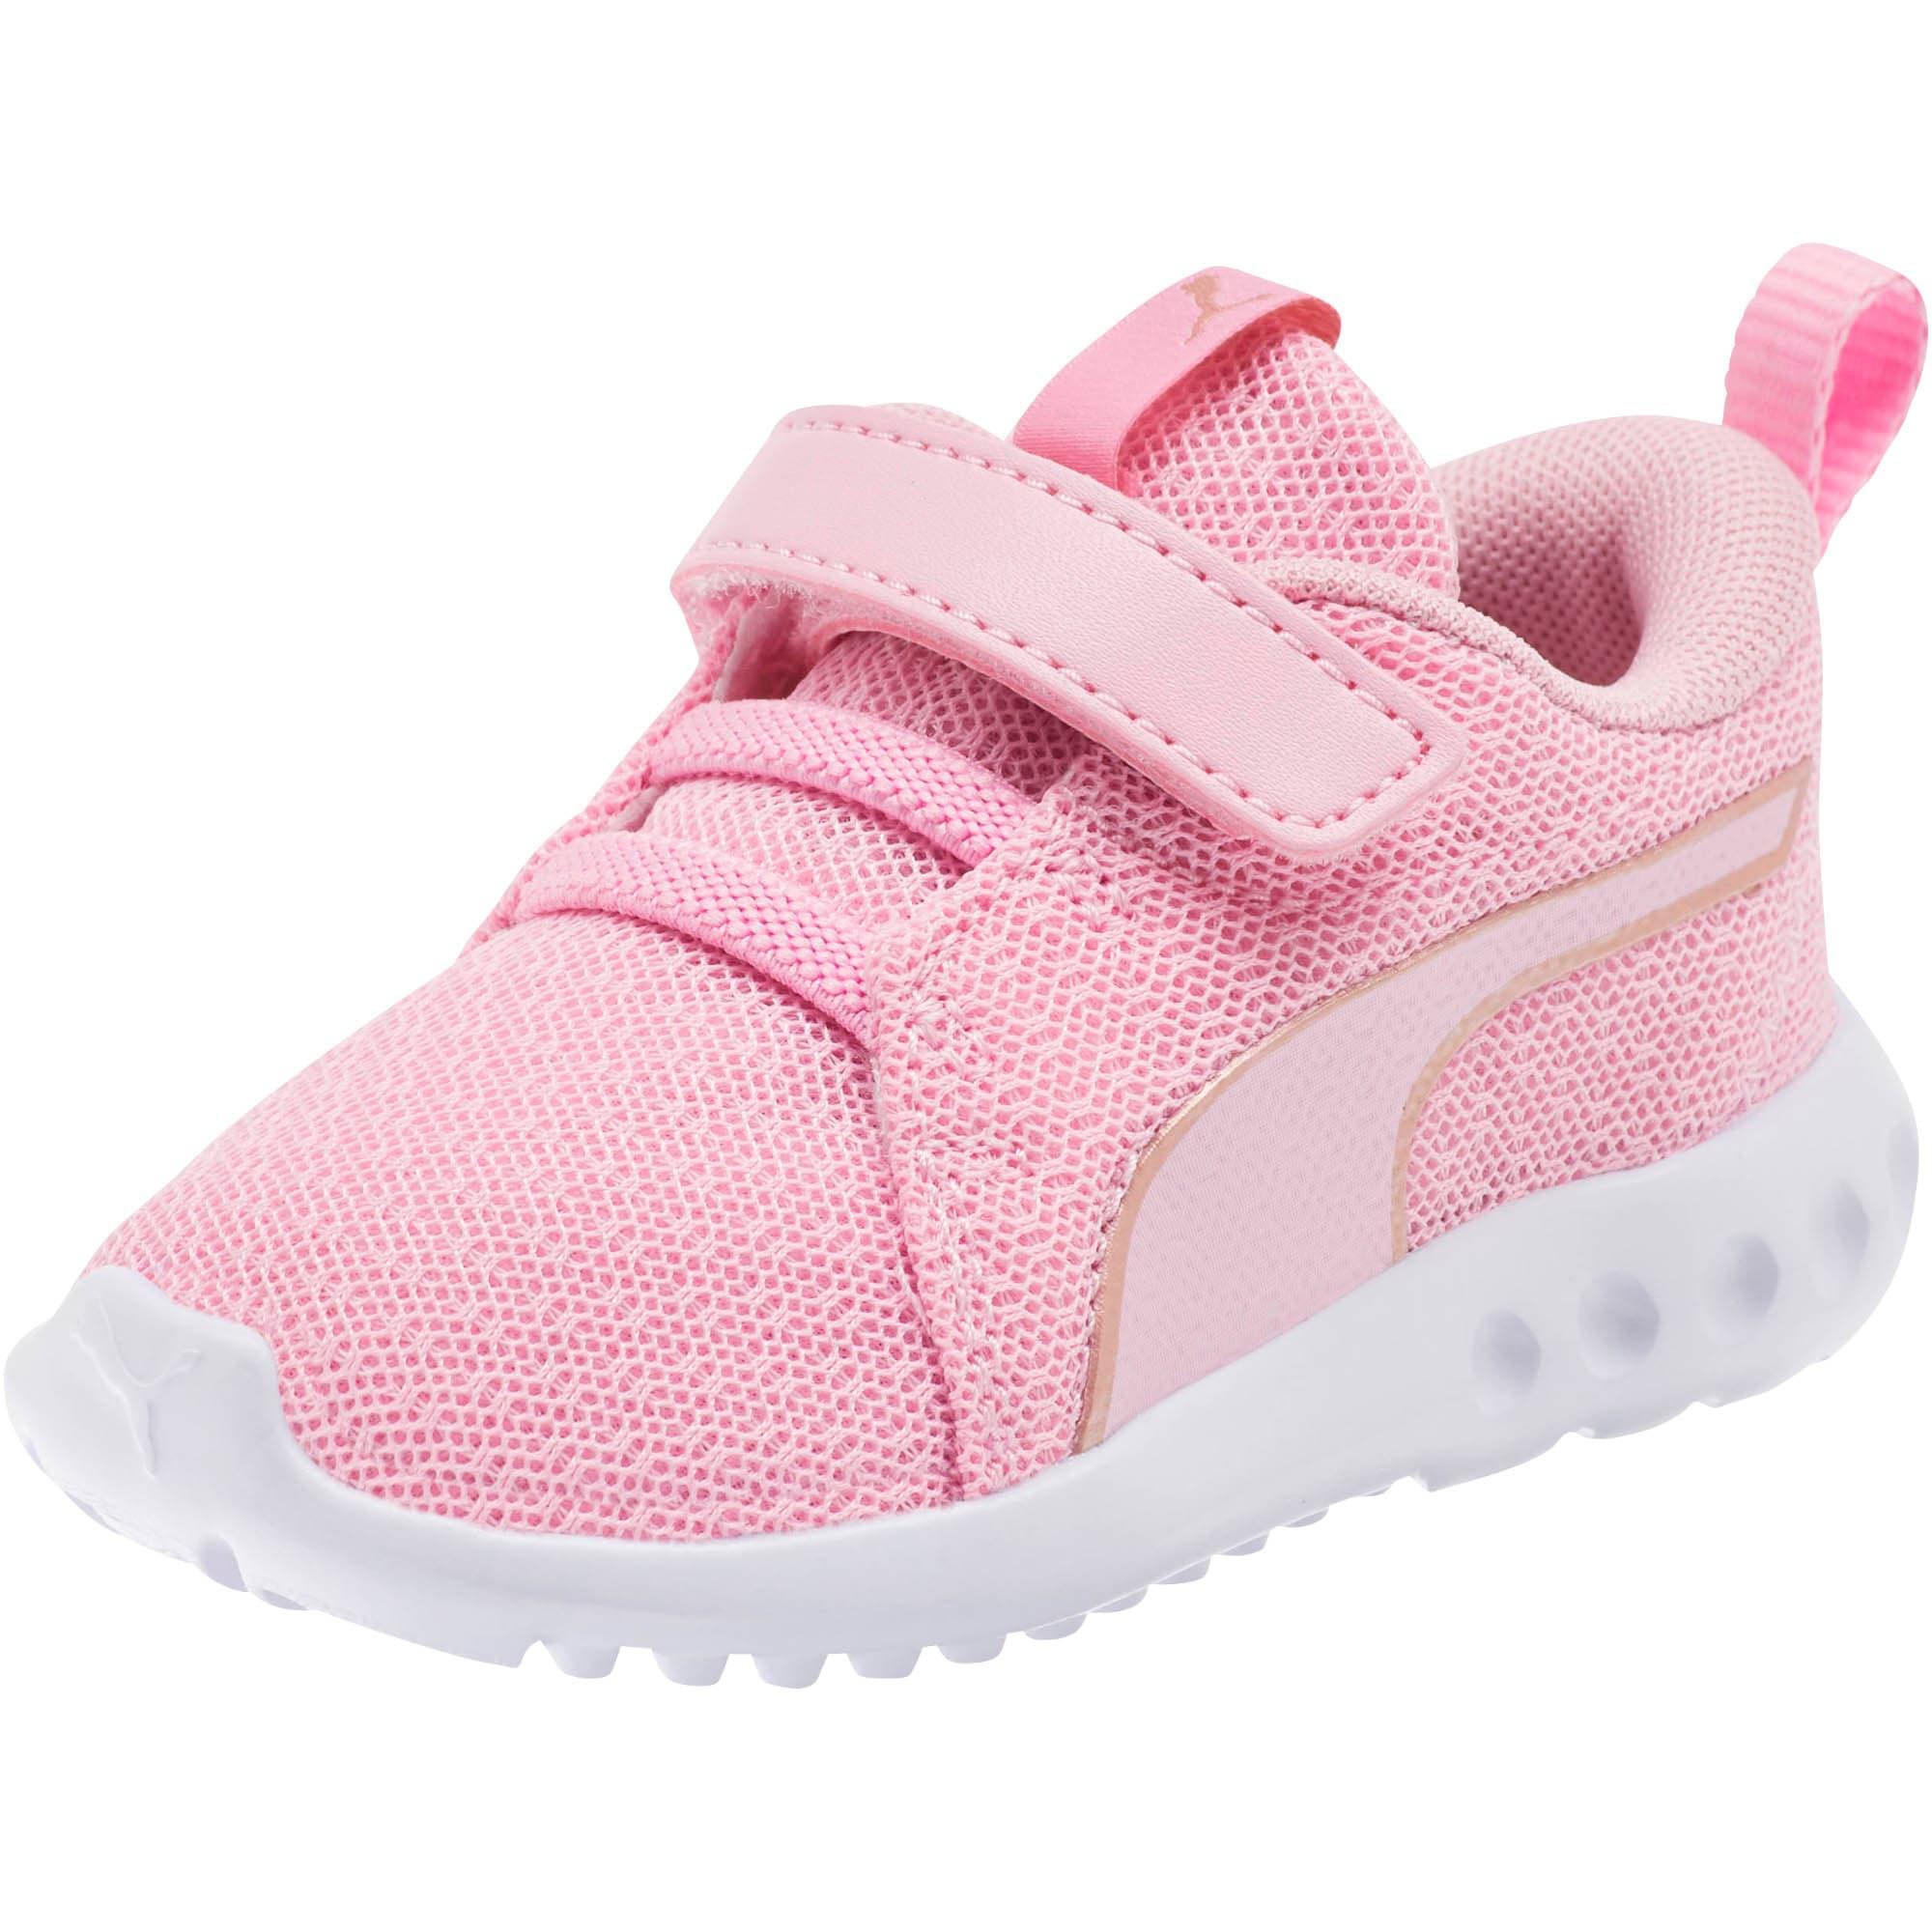 Thumbnail 1 of Carson 2 Metallic Mesh Toddler Shoes, Pale Pink-Rose Gold, medium